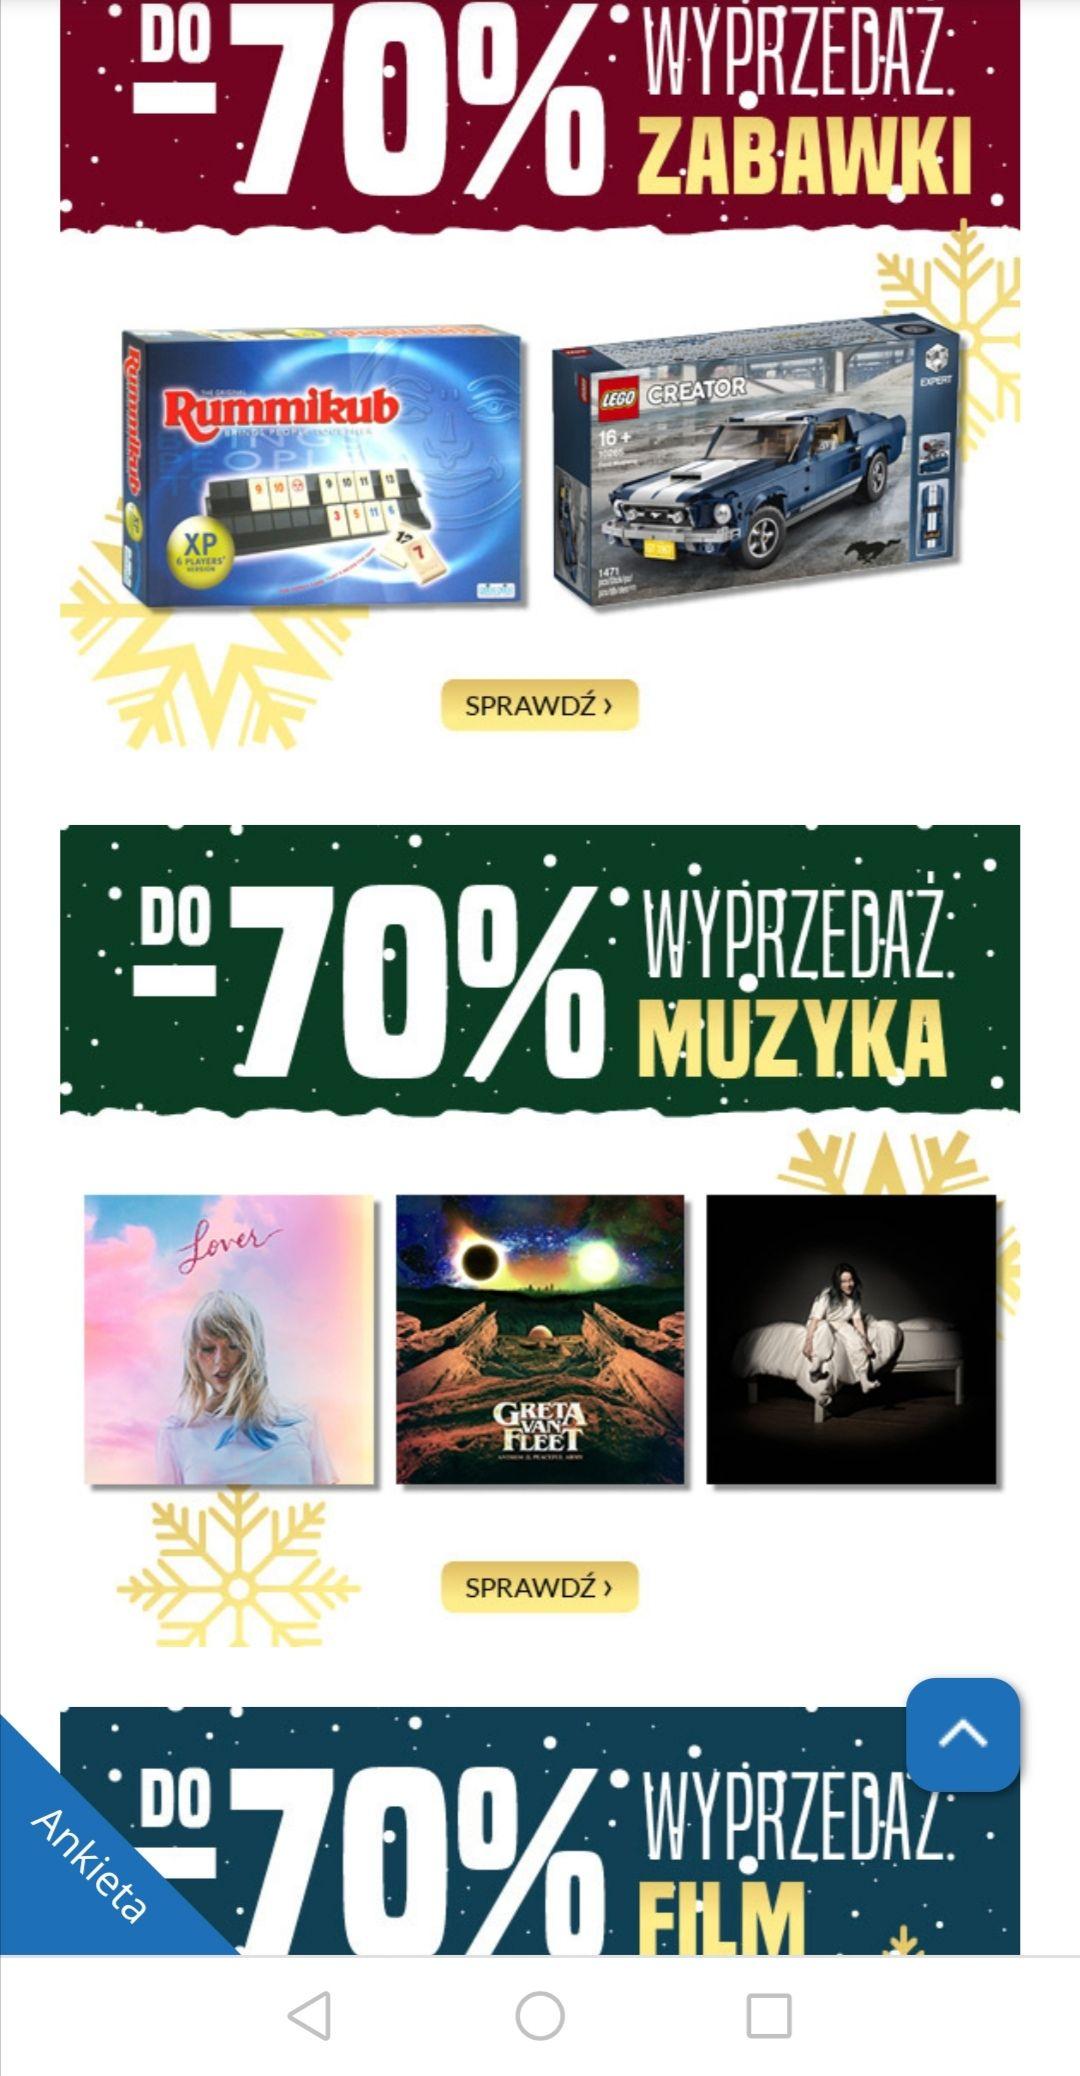 Wyprzedaż Livro.pl - do 70% na muzykę, książki, filmy i zabawki